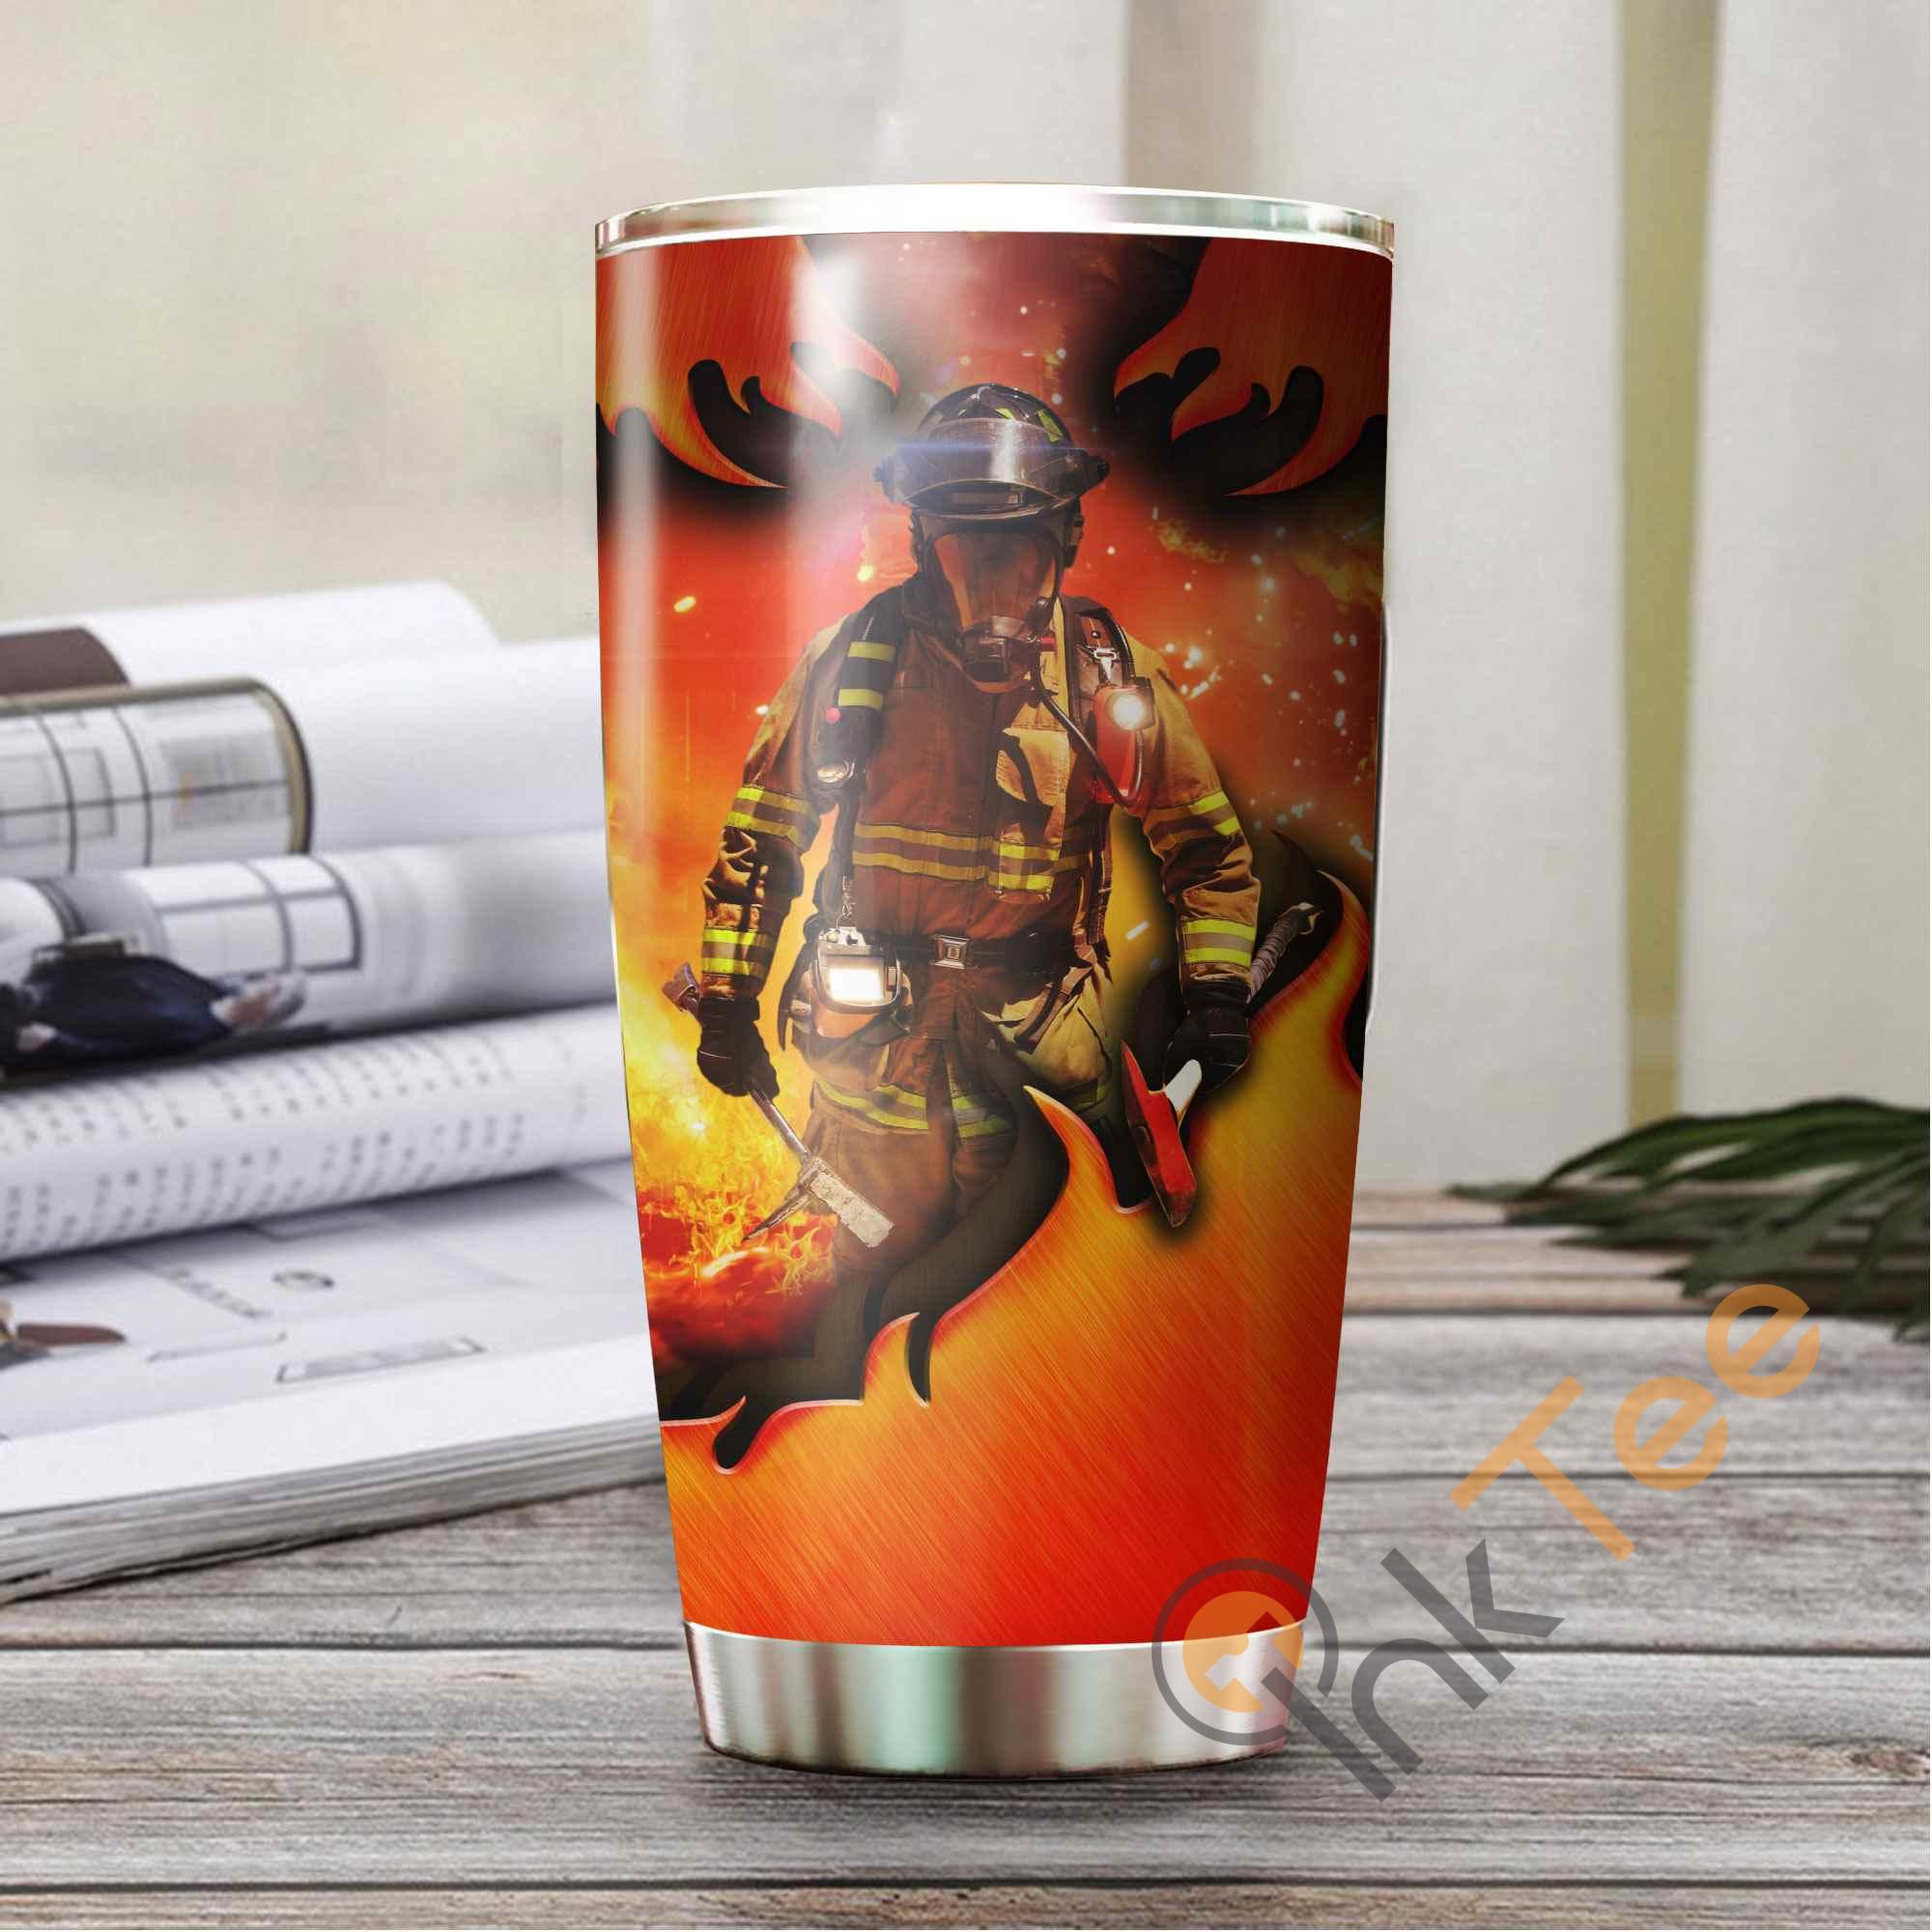 Firefighter Amazon Best Seller Sku 3811 Stainless Steel Tumbler